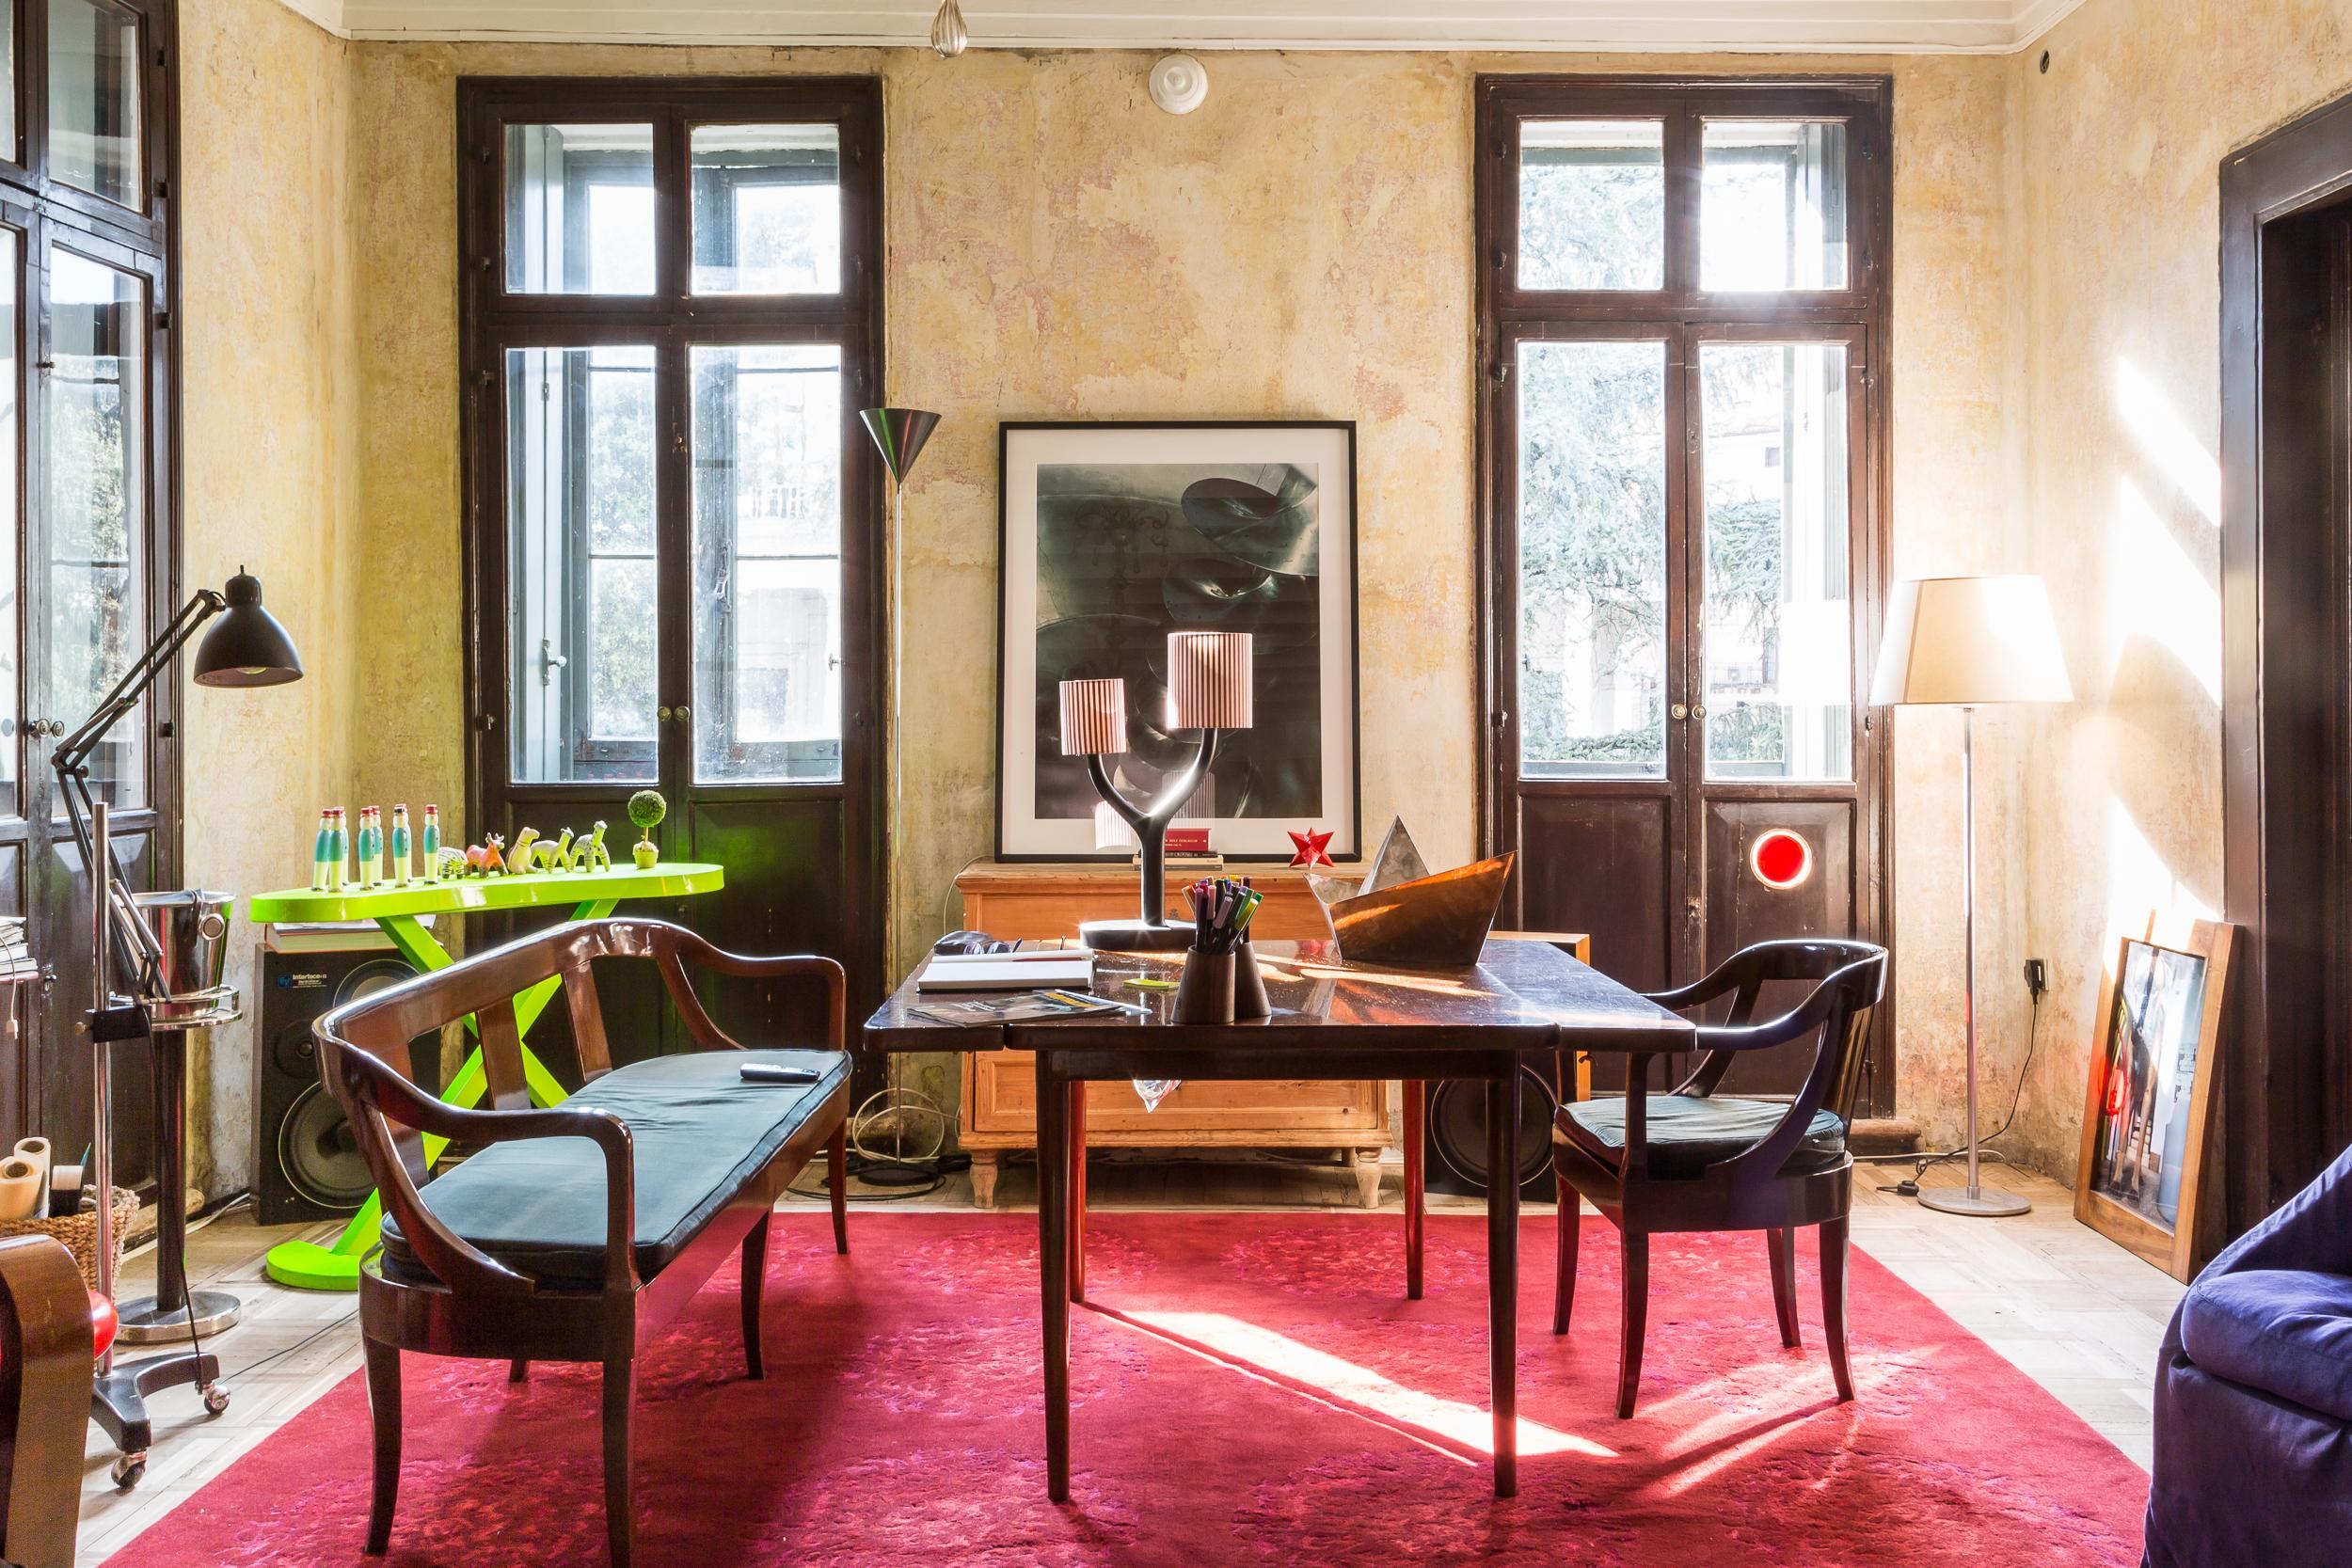 Una colorata panoramica della zona living. Tra gli elementi, protagonista è YTree, una lampada da tavolo realizzata con base in ceramica di Bassano, smaltata e lucidata, e paralume in tessuto di cotone a righe verticali.